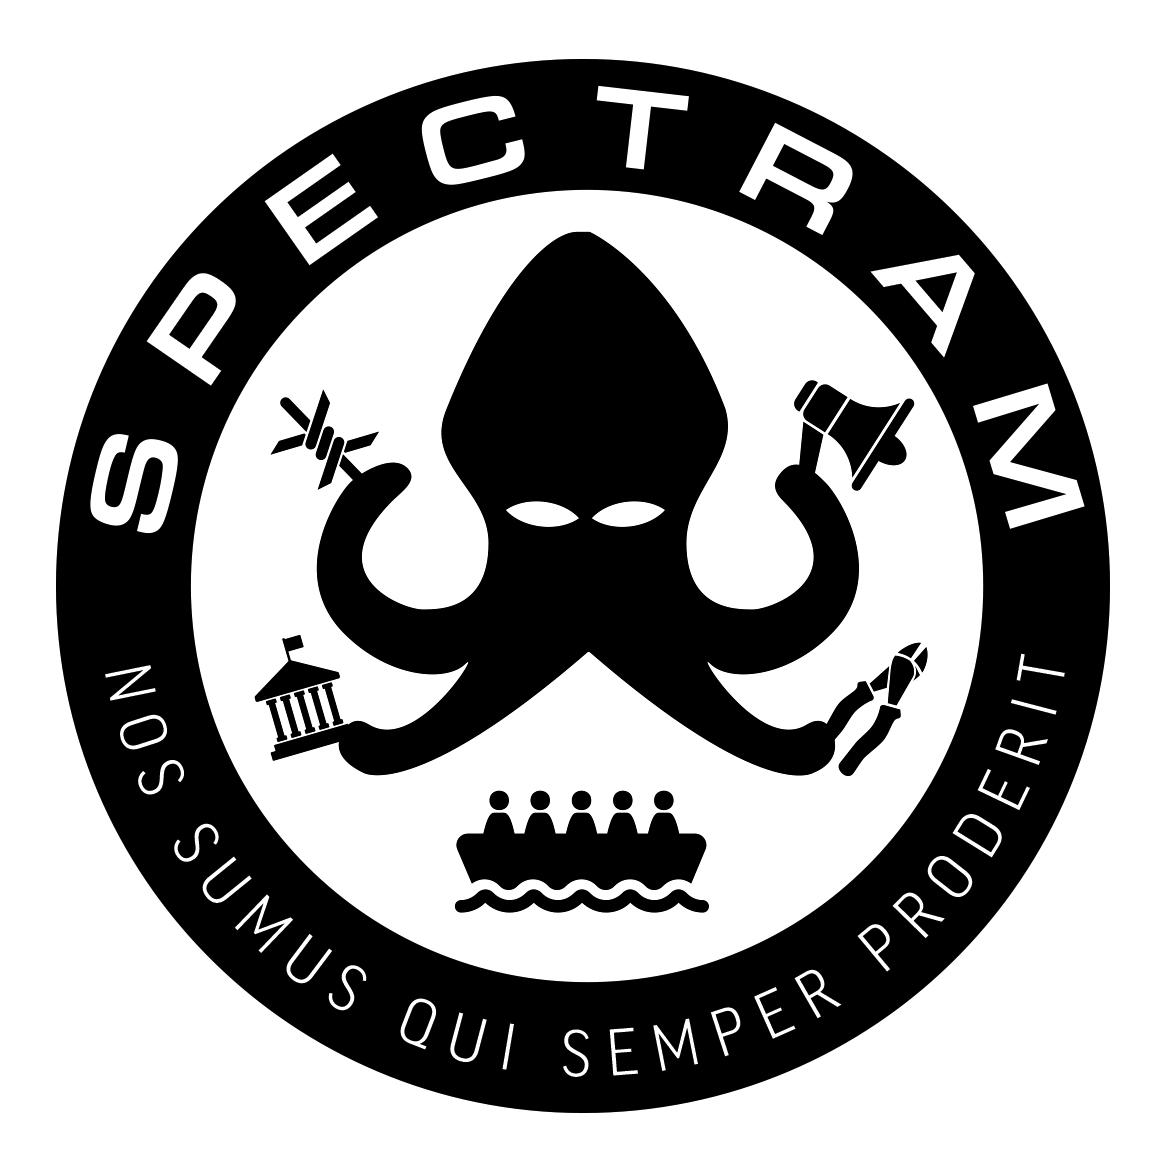 Logo SPECTRAM porCausa